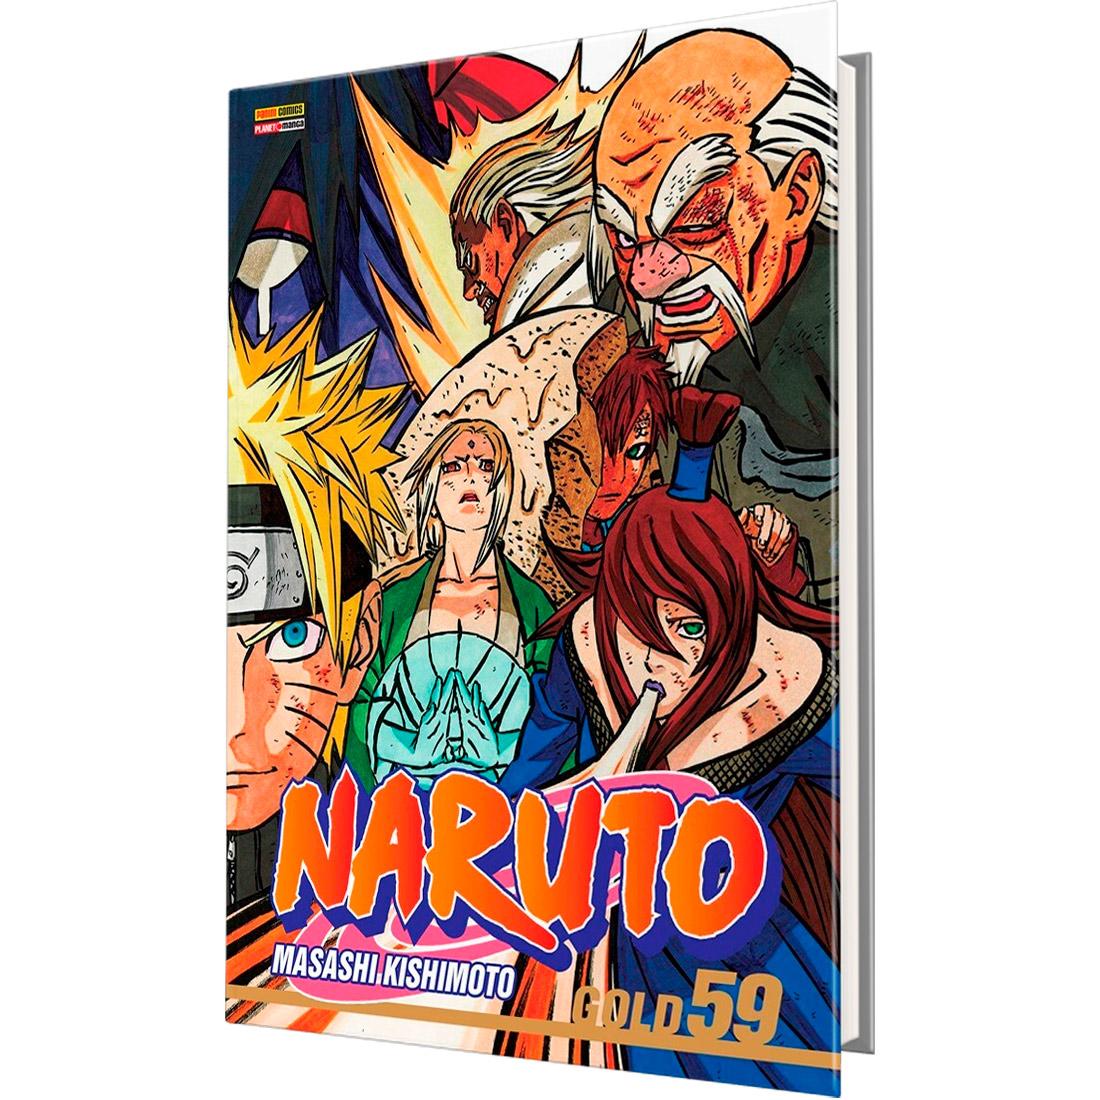 Naruto Gold Vol. 59